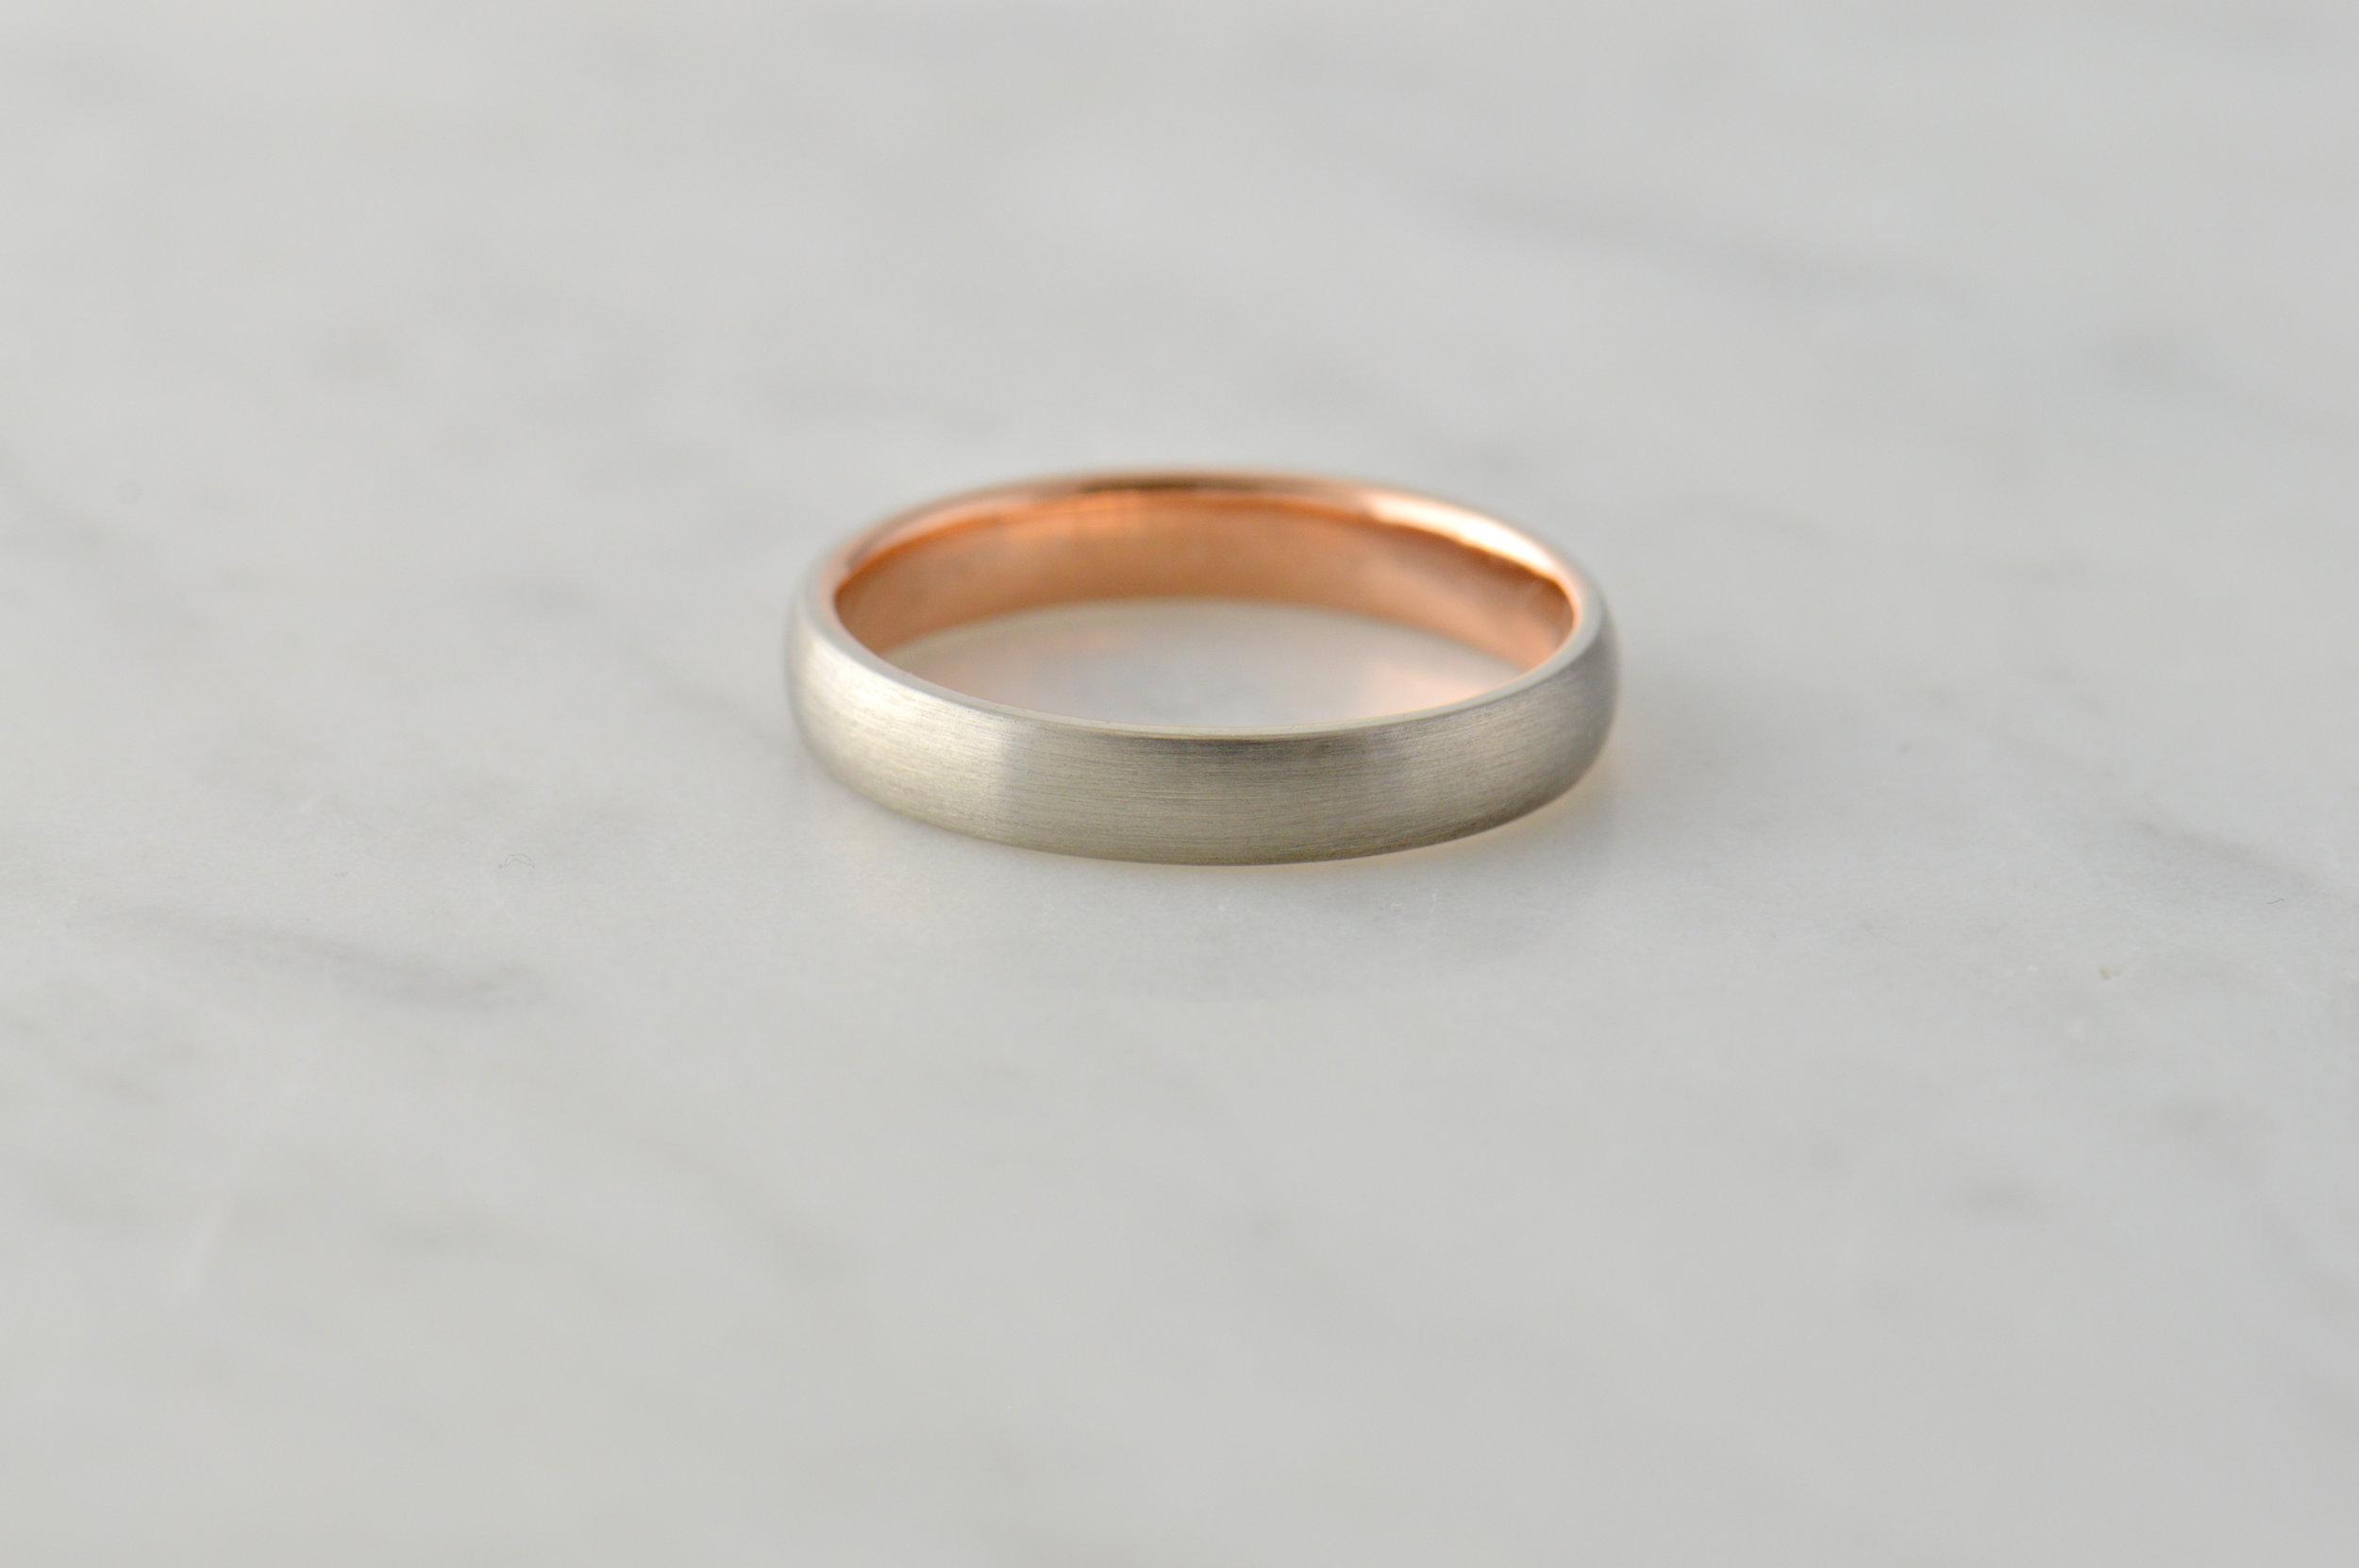 darvier-rose-gold-palladium-overlay-ring.JPG